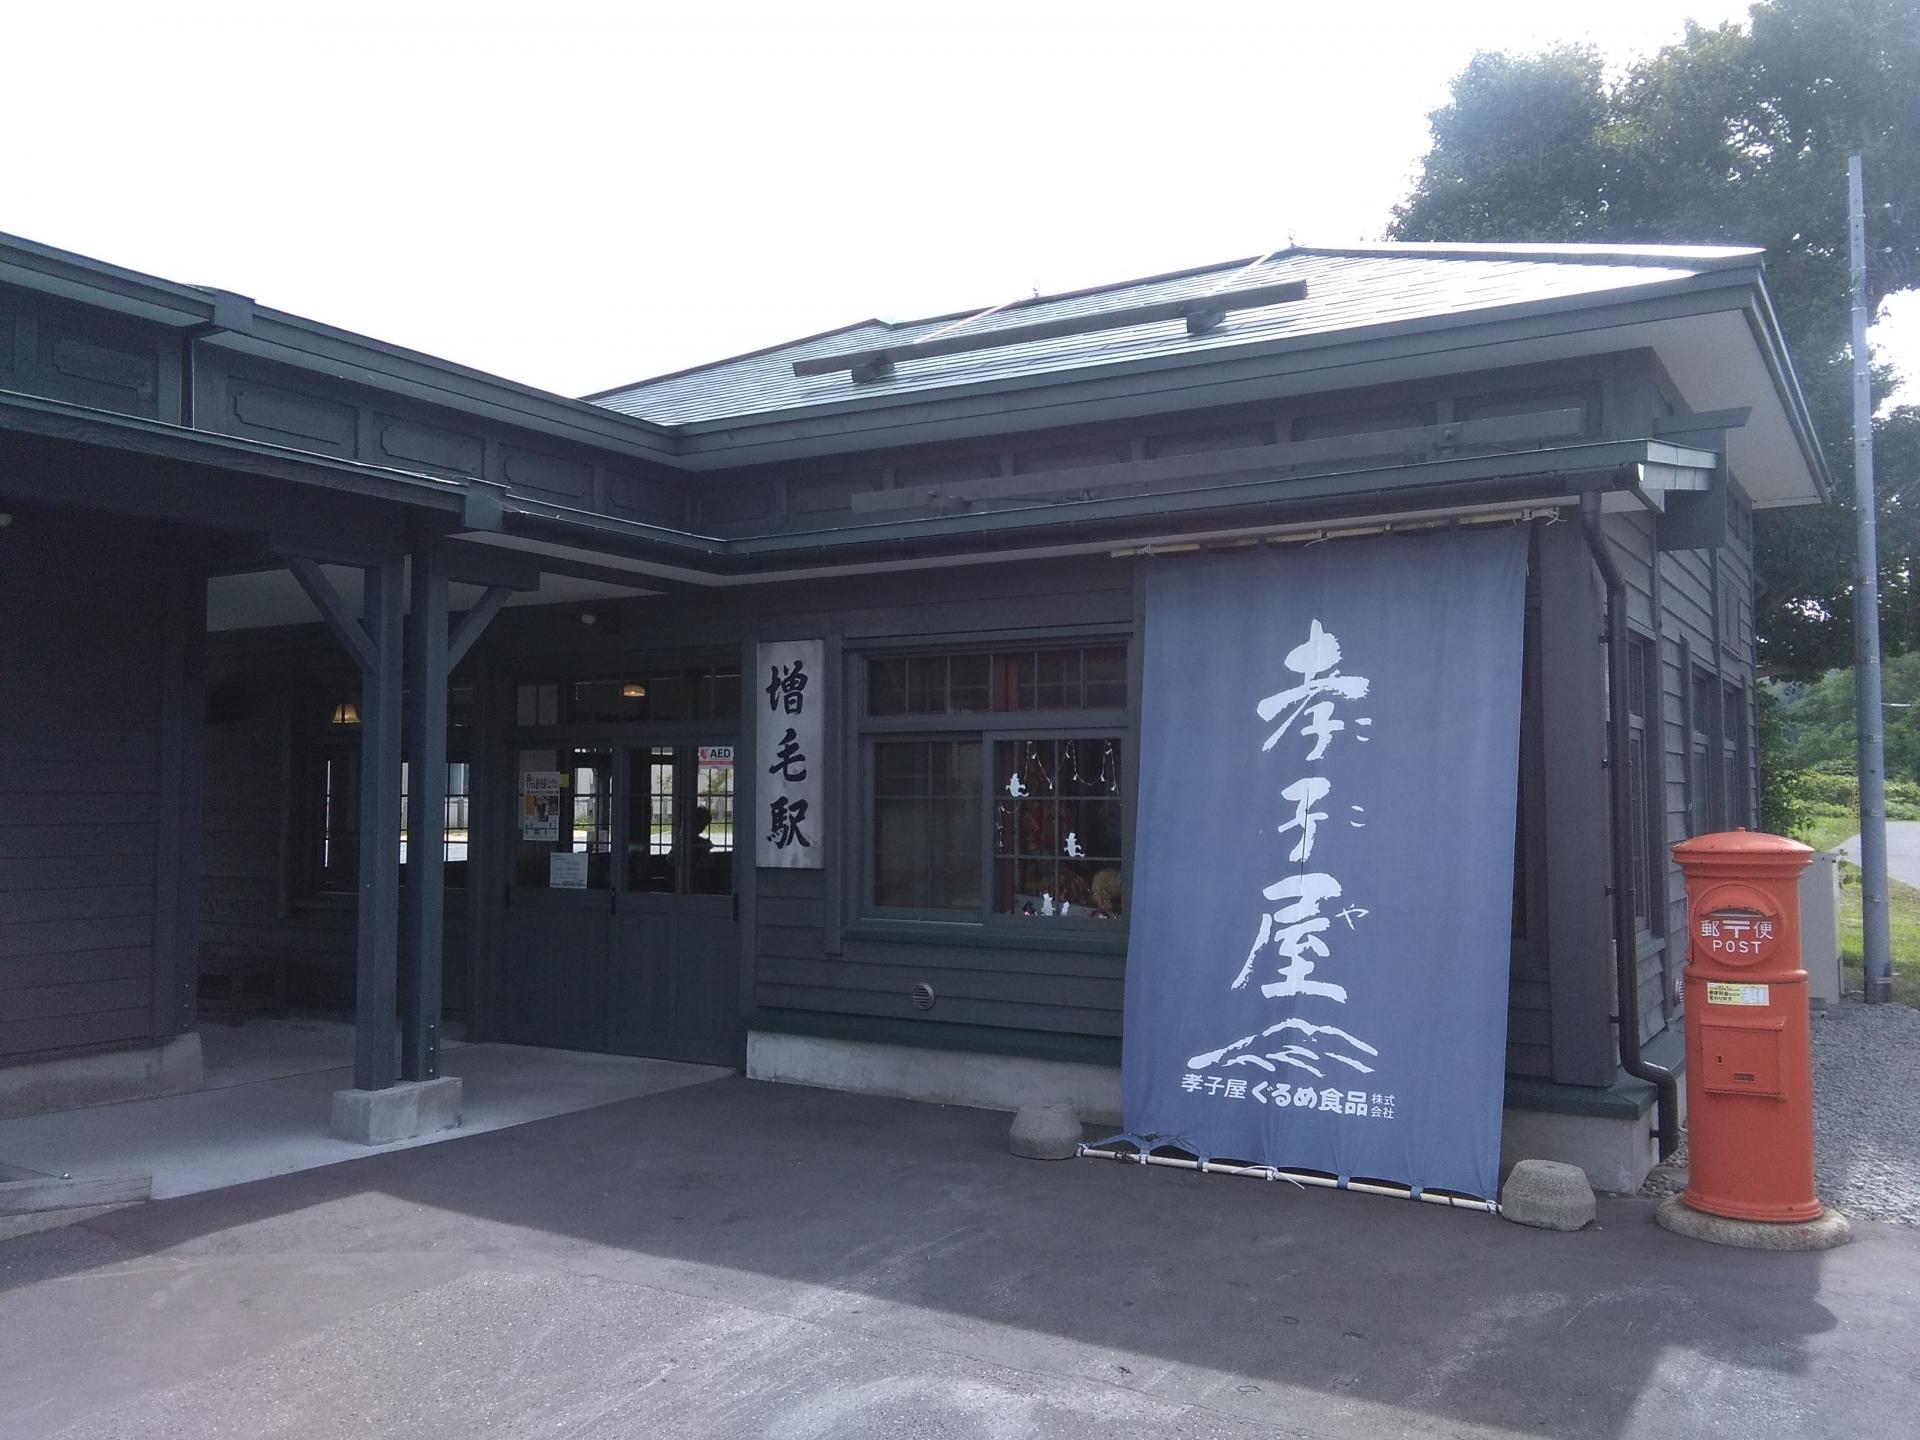 増毛駅が改修して復活!レトロな駅舎は廃線後も人気のスポット!